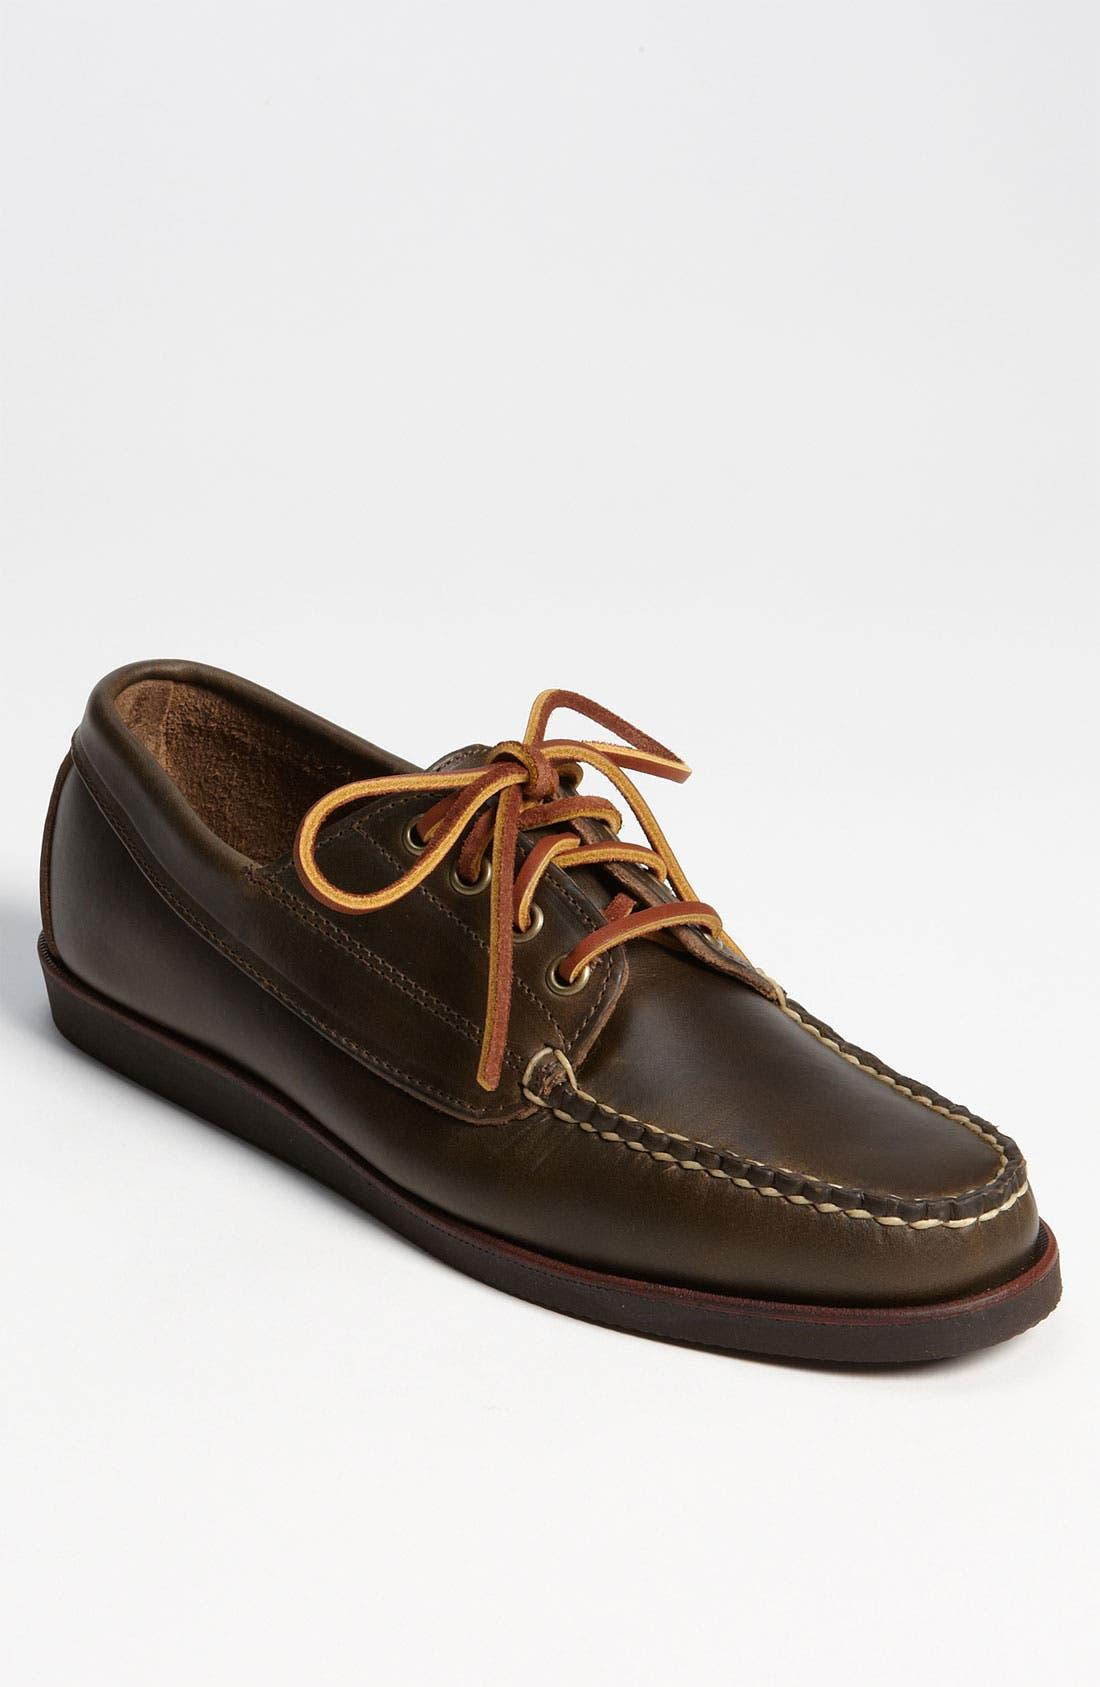 Main Image - Eastland Made in Maine 'Falmouth USA' Boat Shoe